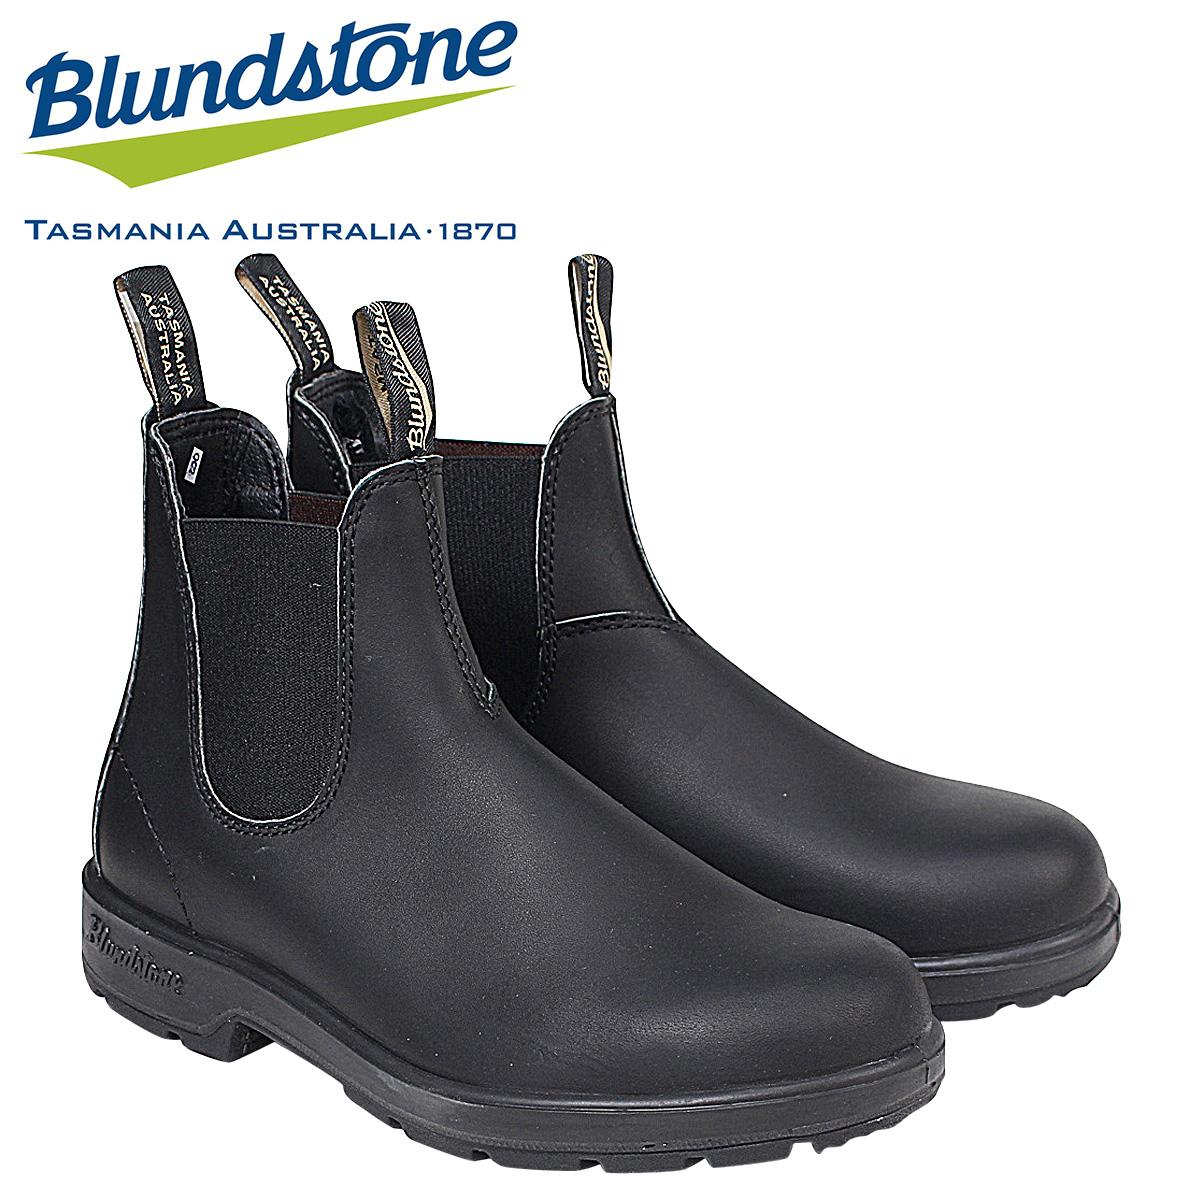 【最大2000円OFFクーポン】 ブランドストーン Blundstone サイドゴア メンズ ブーツ DRESS V CUT BOOTS 510 ブラック [2/27 追加入荷]